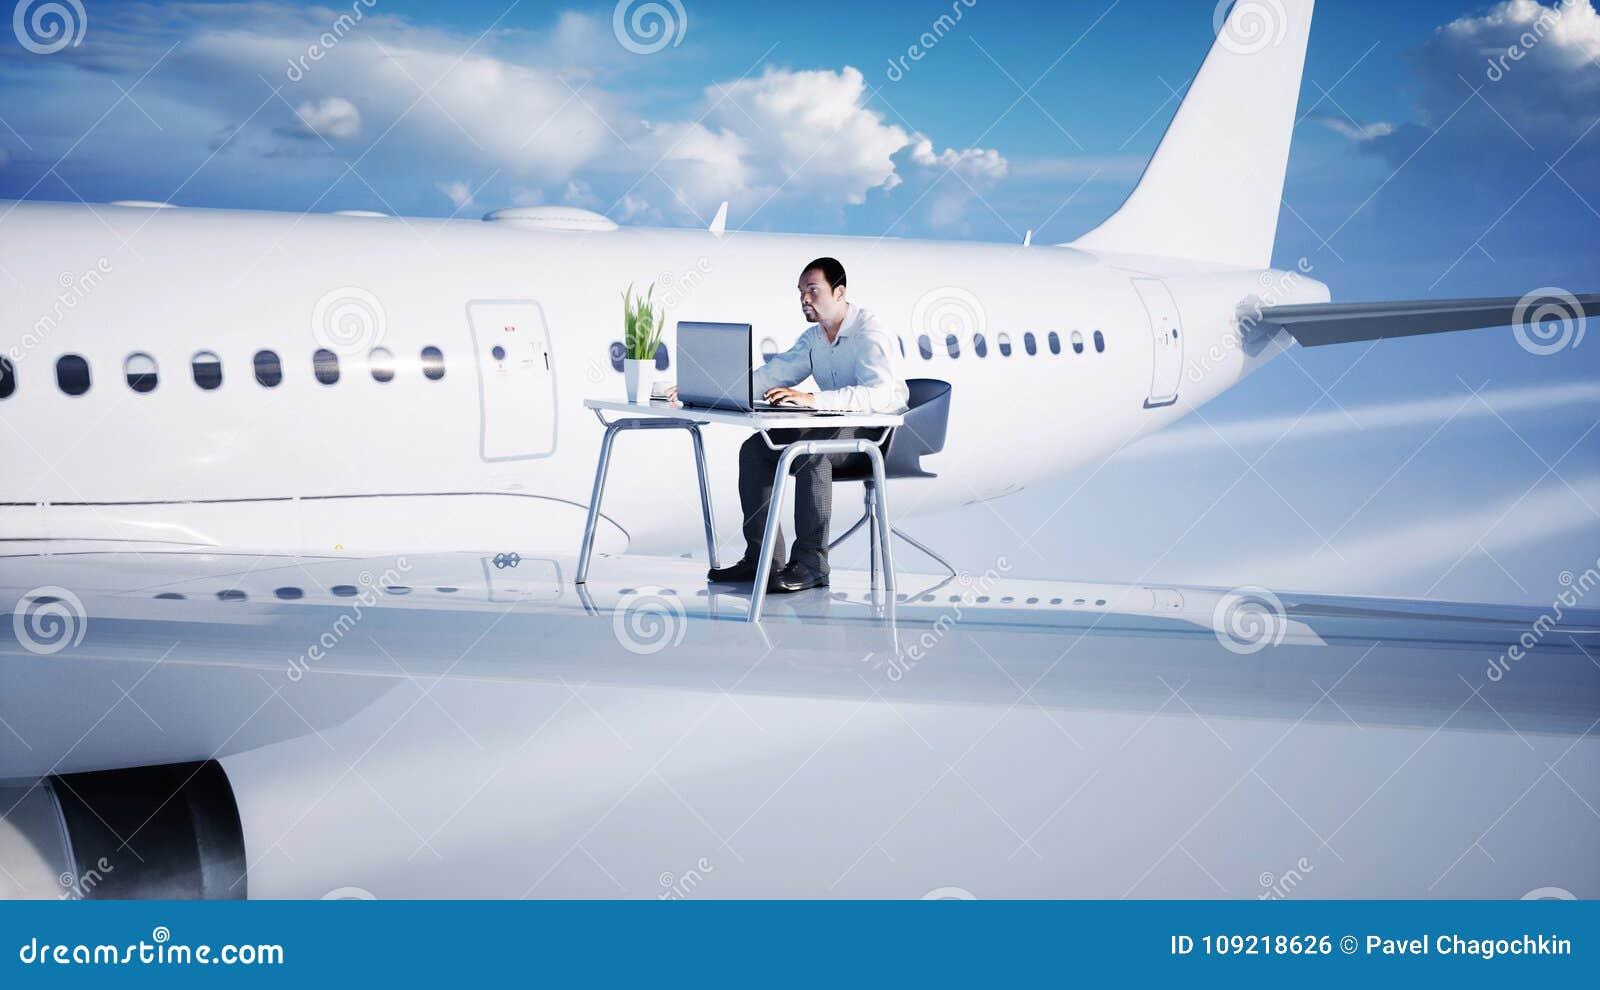 Jonge bezige zakenman die aan het vliegende vliegtuig werken Afrikaans mannetje die het scherm van laptop op het bureau onderzoek